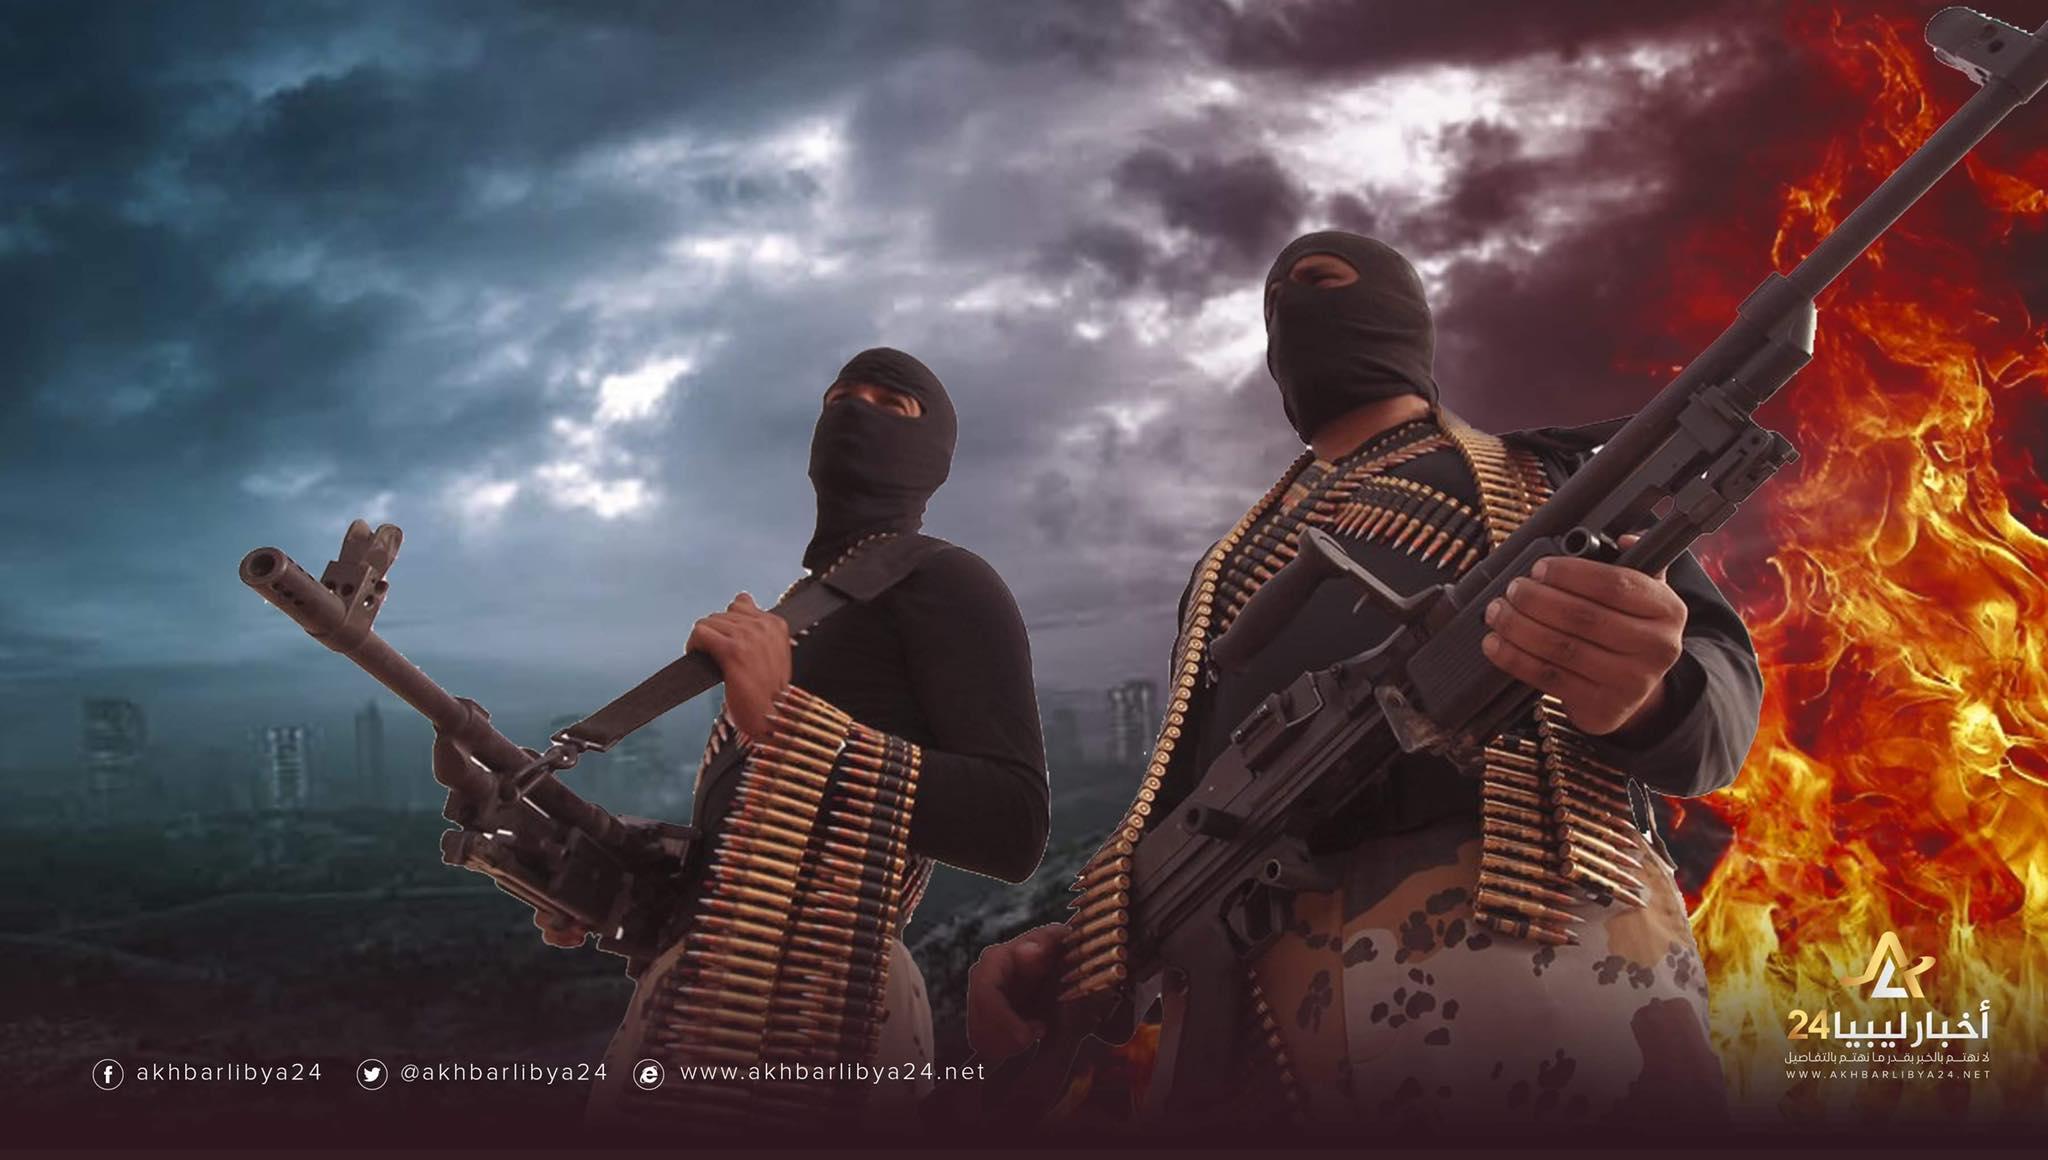 صورة مقارنة أفعال الجماعات الإرهابية في ليبيا وسوريا والعراق